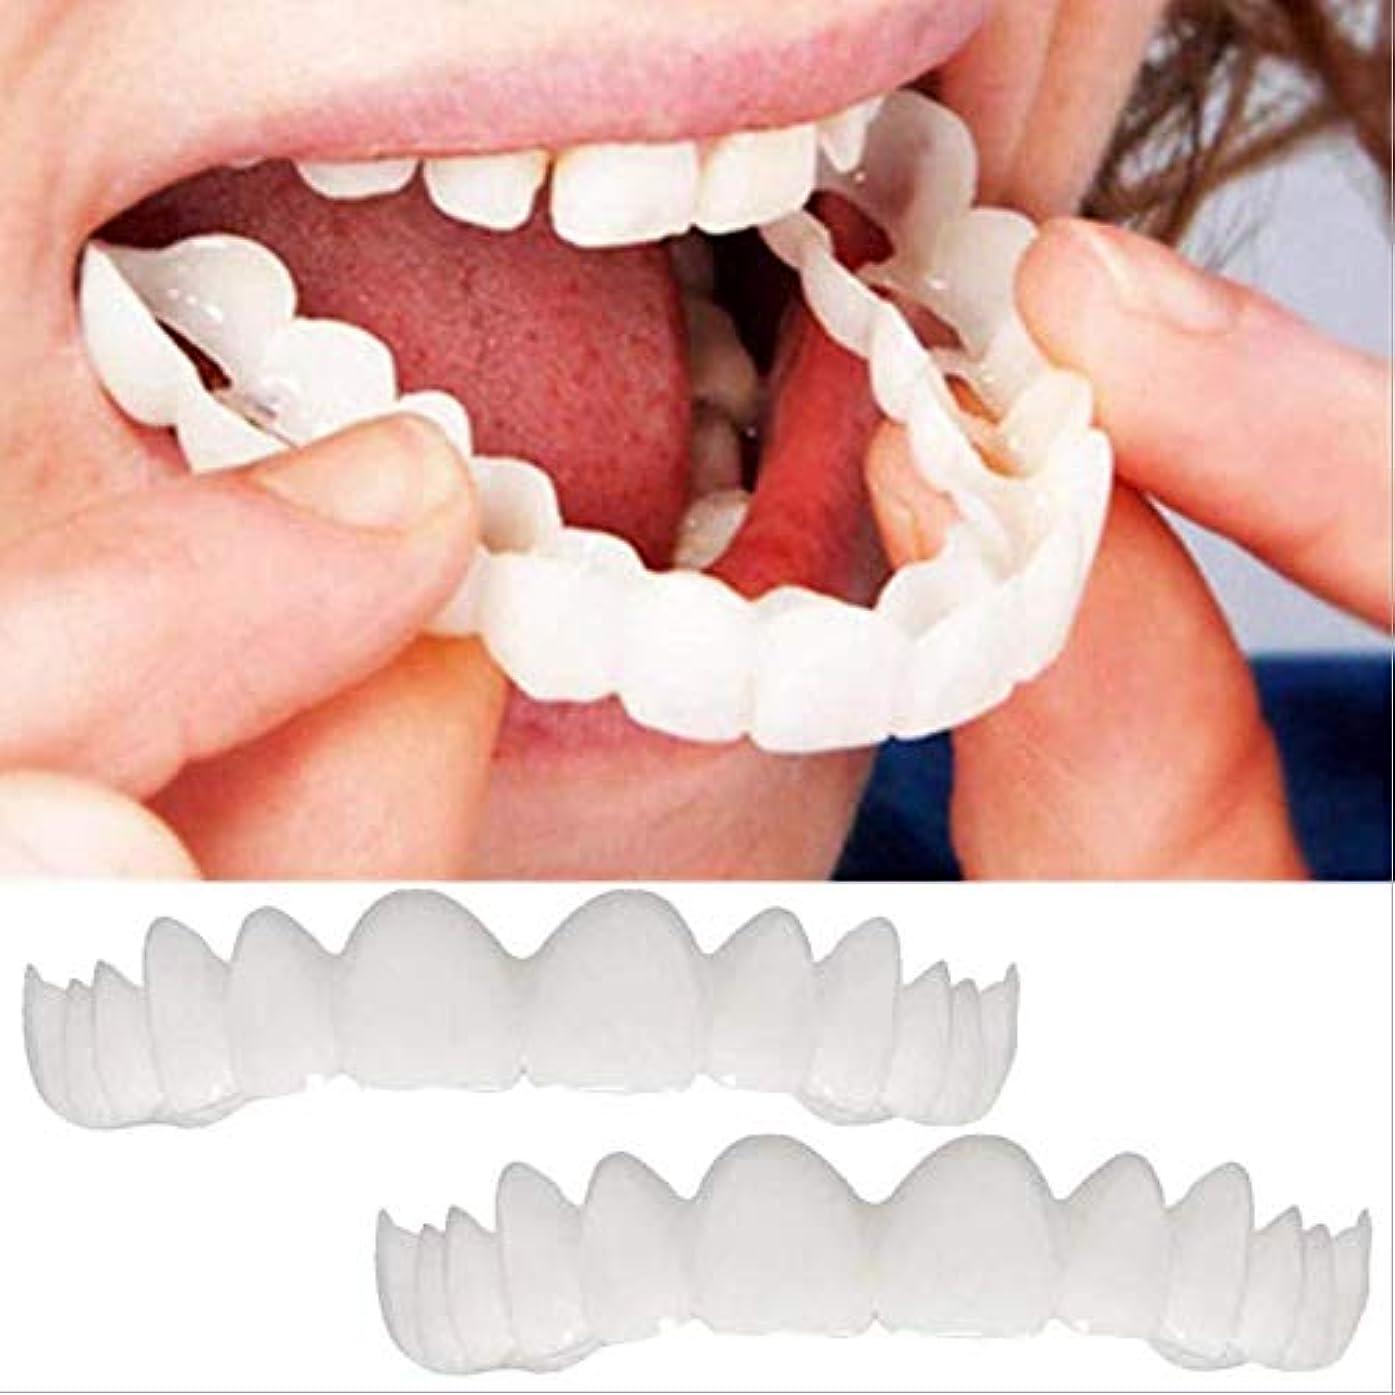 出力極めて重要な相対性理論シリコーンシミュレーション義歯用化粧歯、白歯セット(2PCS)で覆われています,A